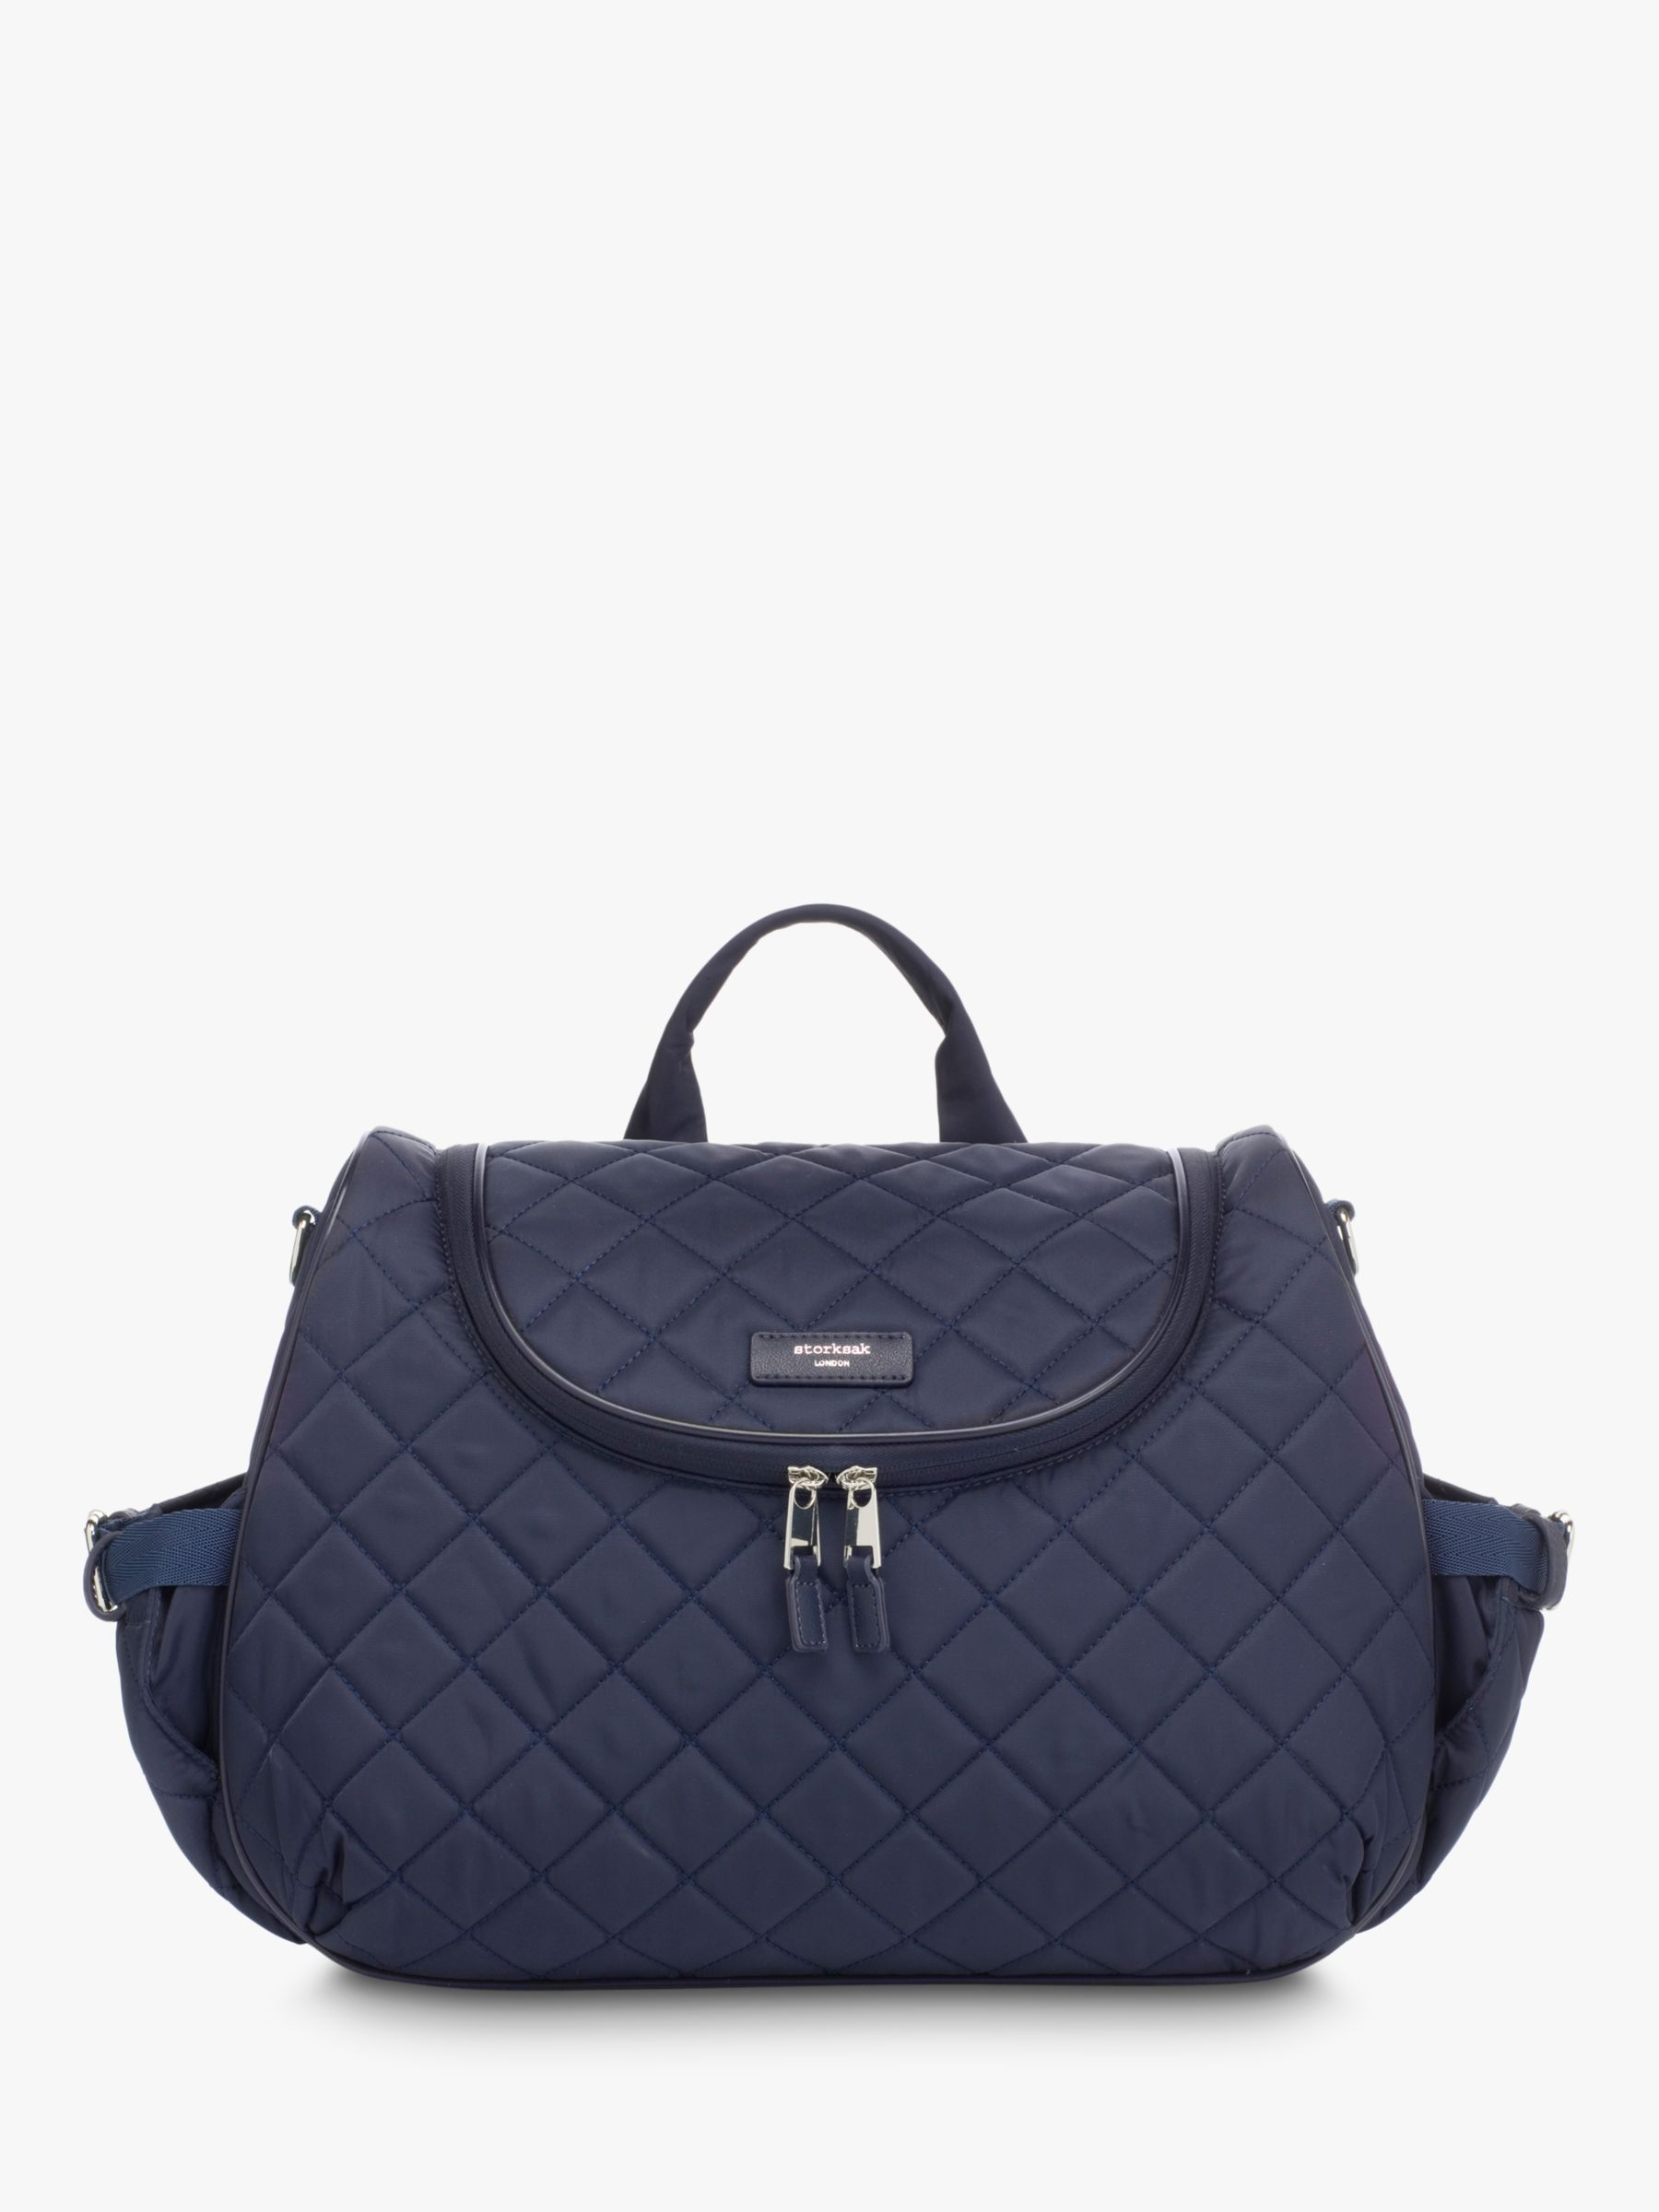 Storksak Storksak Poppy Quilted Convertible Backpack Changing Bag, Blue